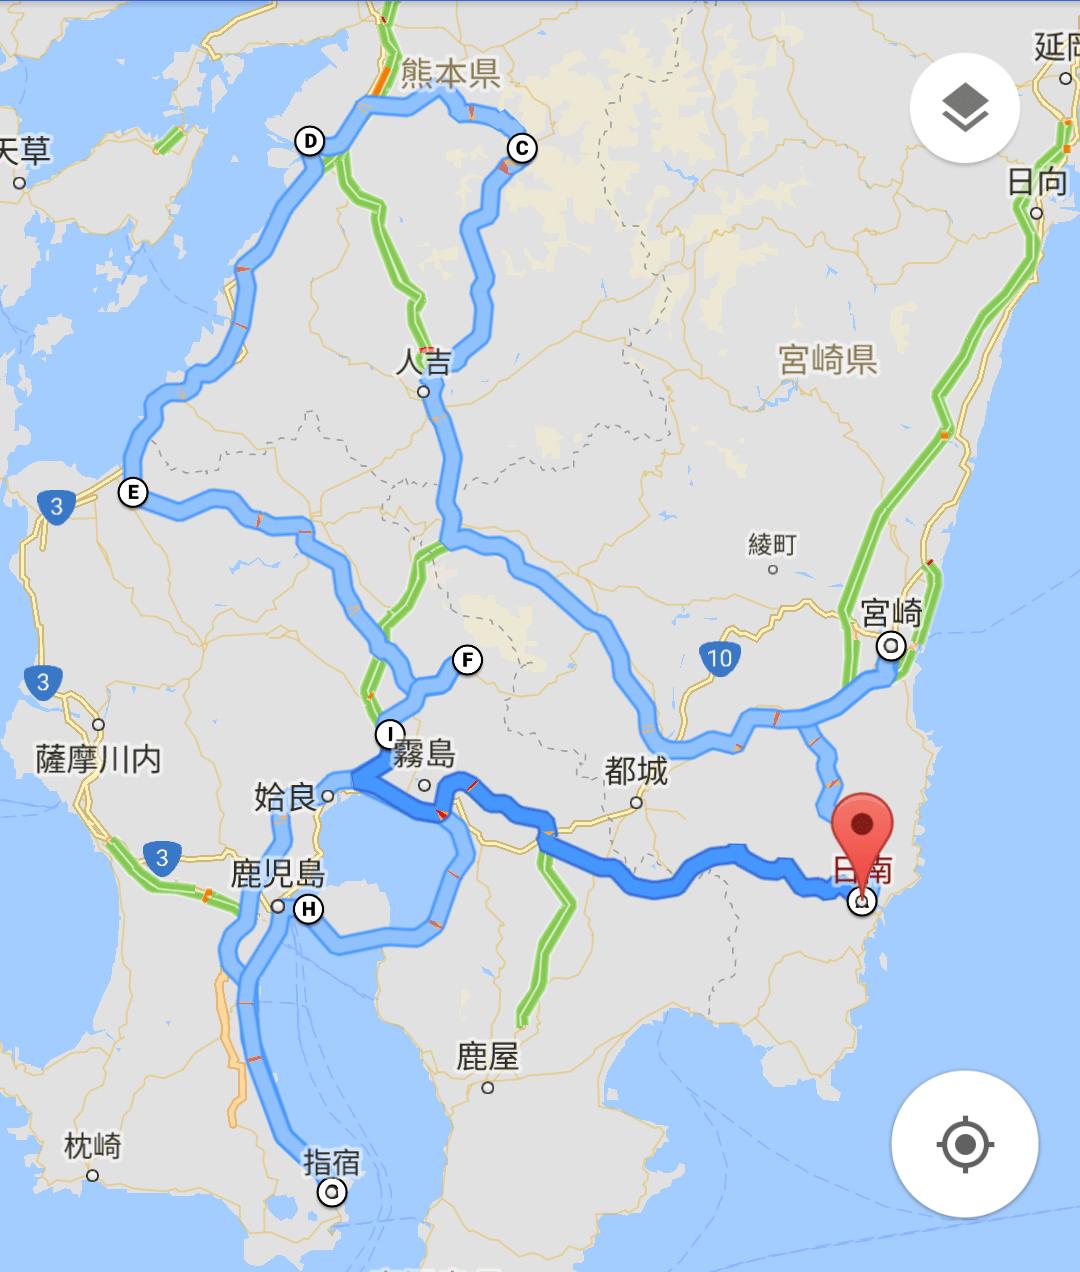 2017南九州十天自駕遊索引 – 悠遊行續集2